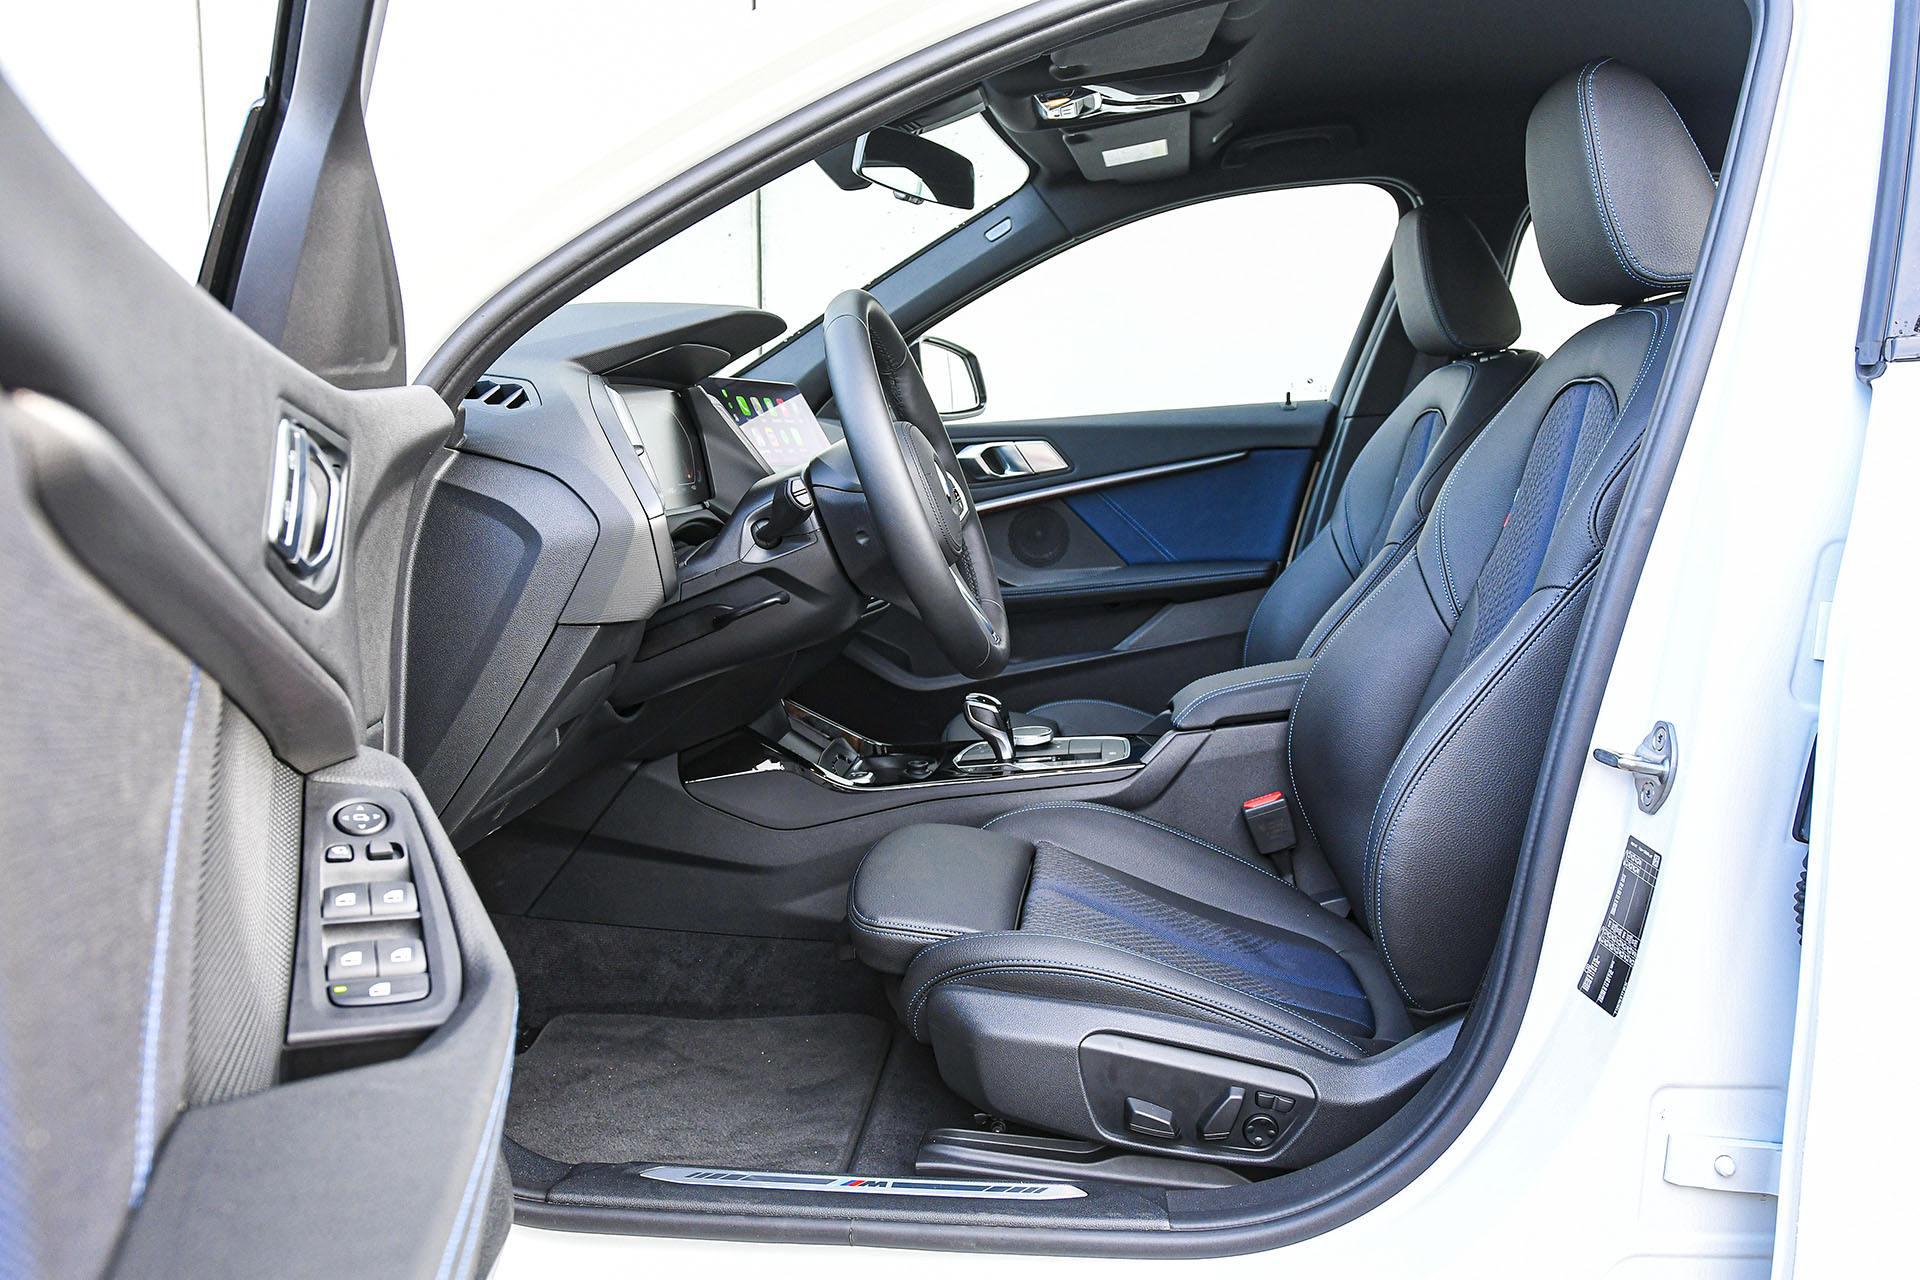 BMW serii 1 - fotele – PORÓWNANIE BMW 118i, Mazda 3 – opinie, spalanie, wymiary, dane techniczne